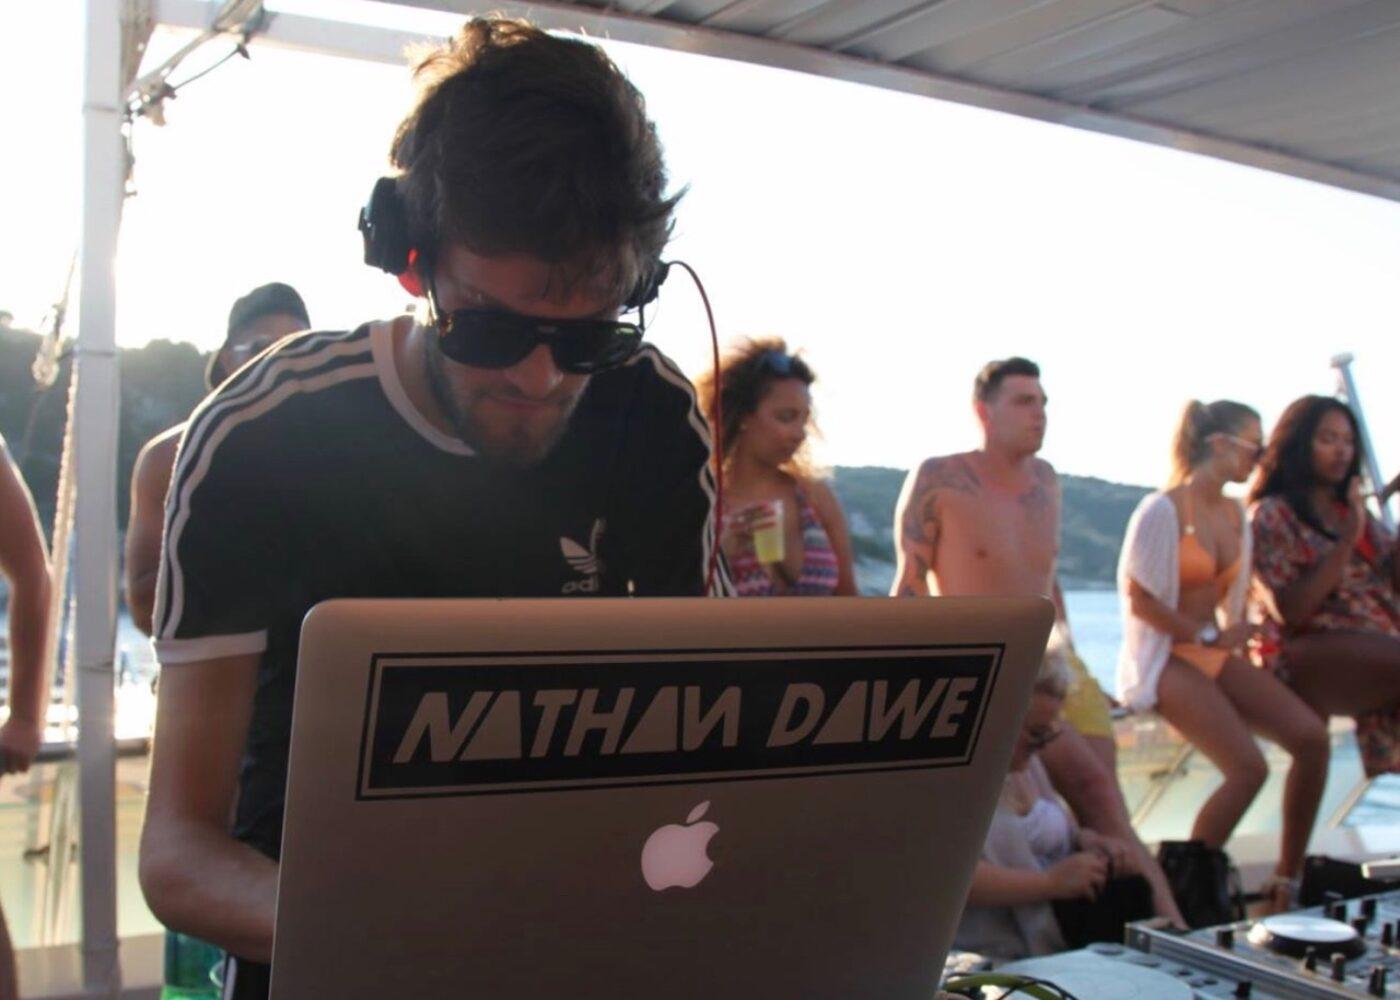 nathan-dawe-zante-boat-party-july